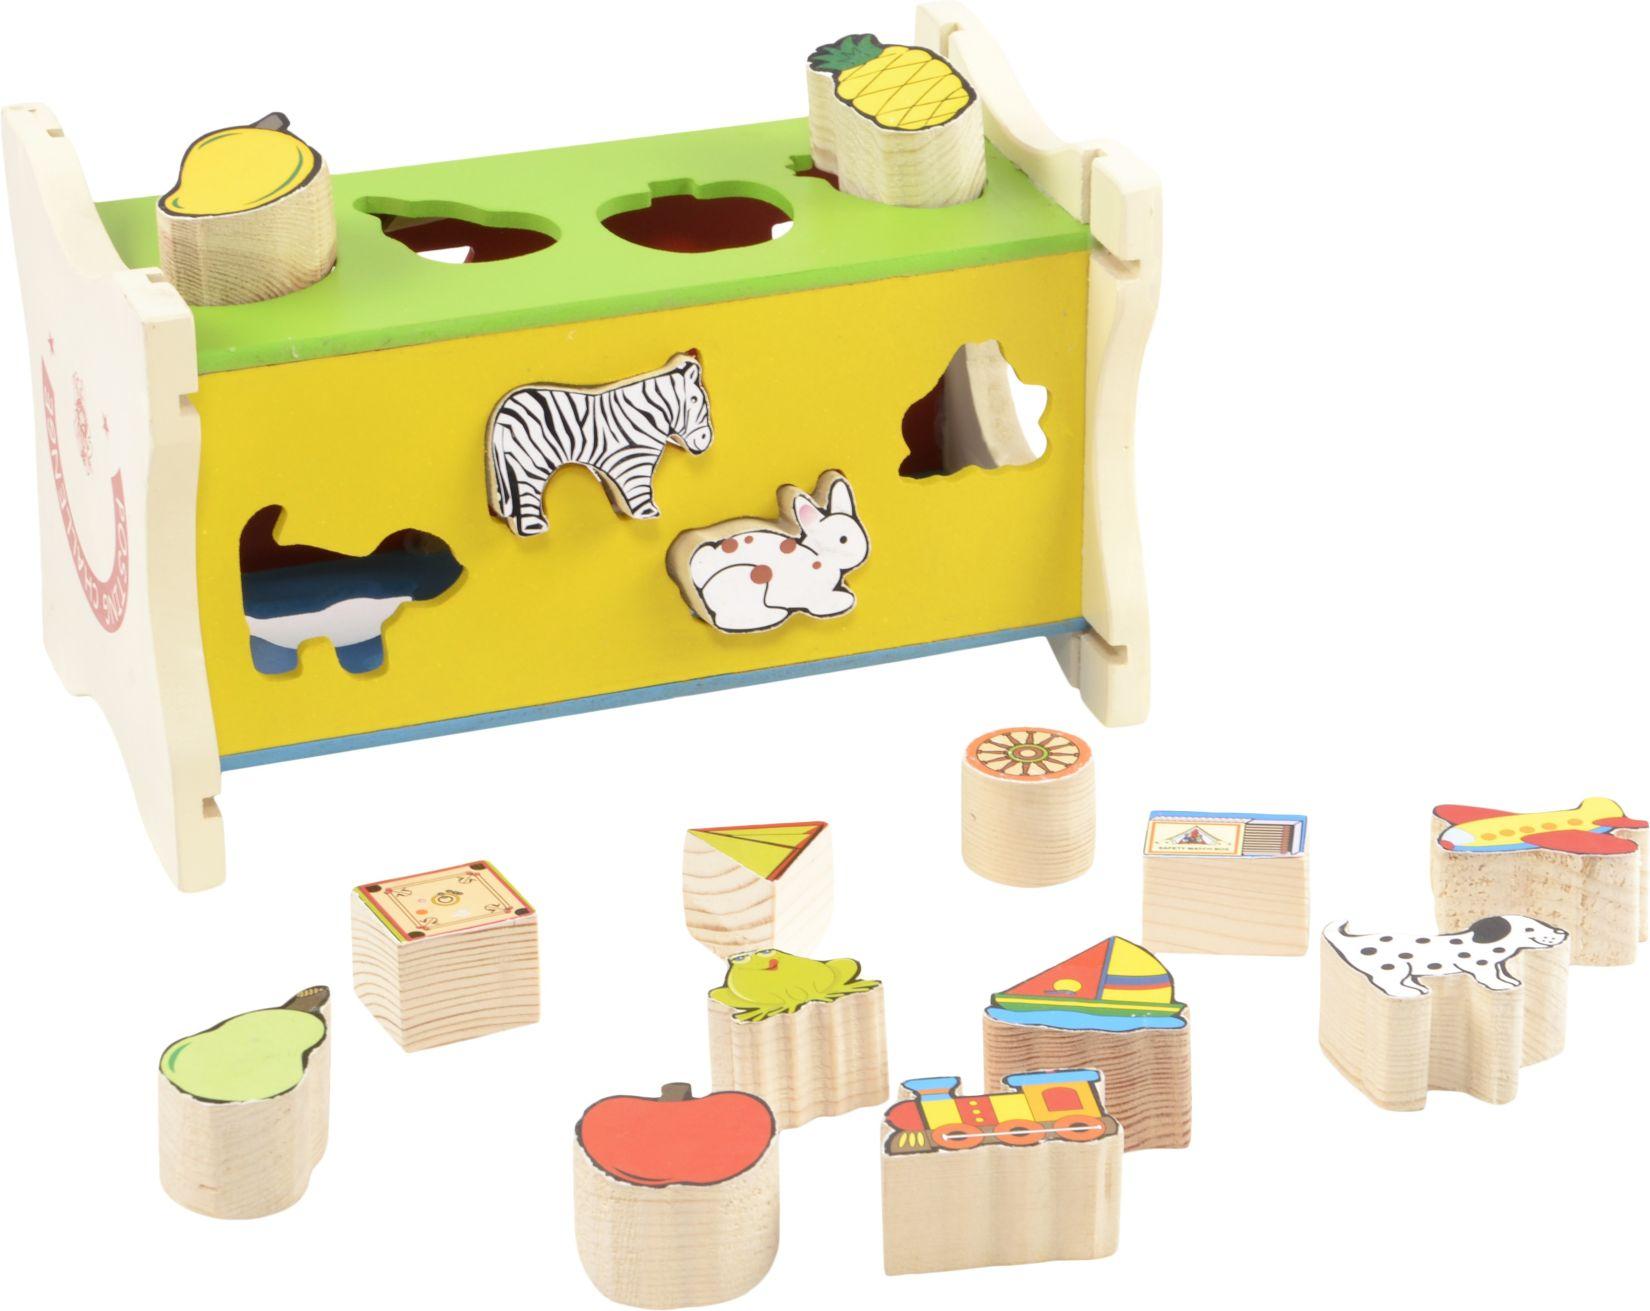 shape-sorting-posting-box-skillofun-orig